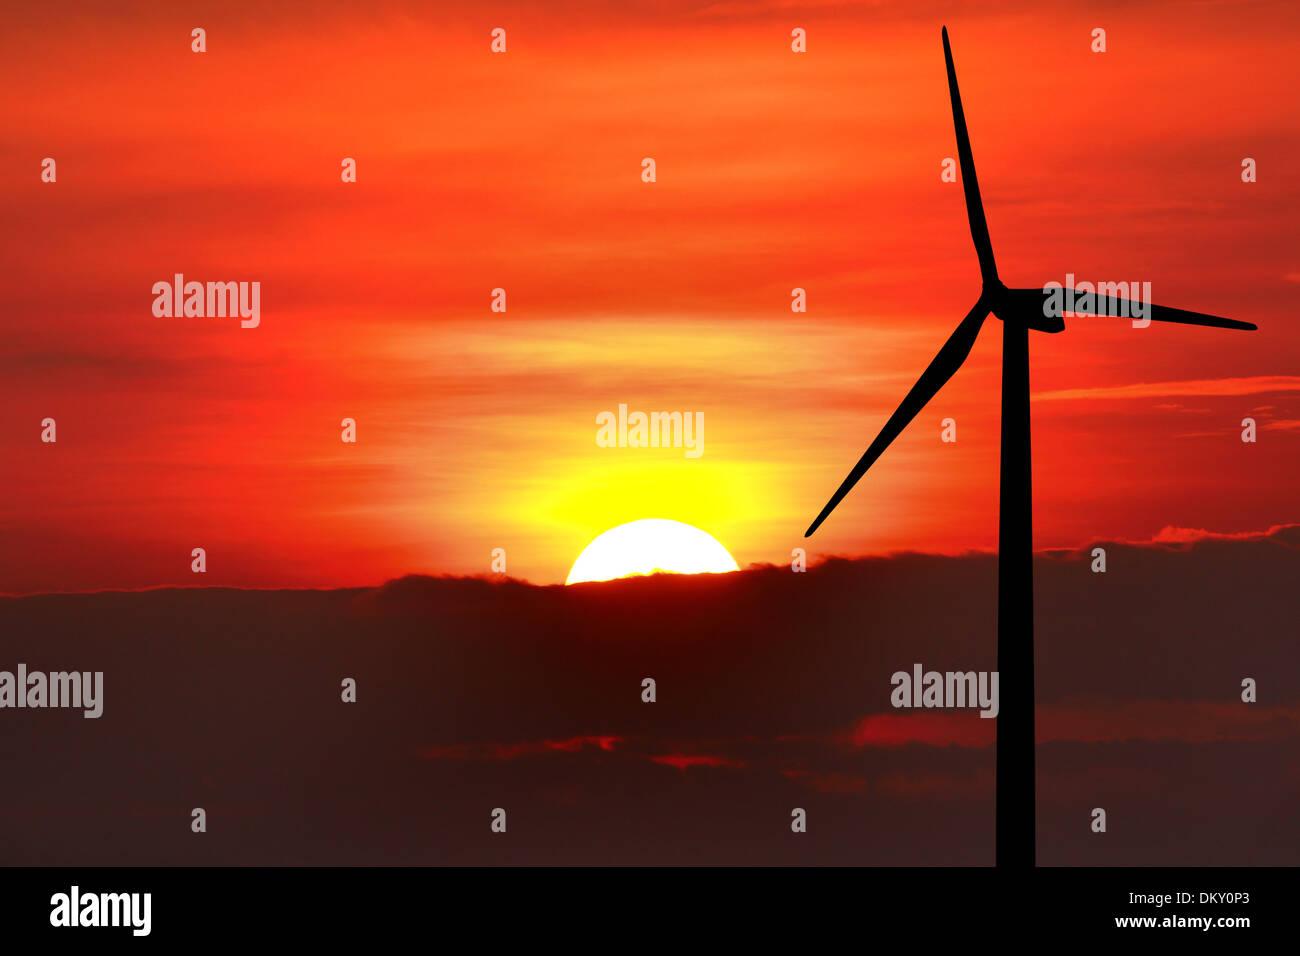 Wind-Turbine-Silhouette auf Sonnenuntergang Hintergrund Stockbild